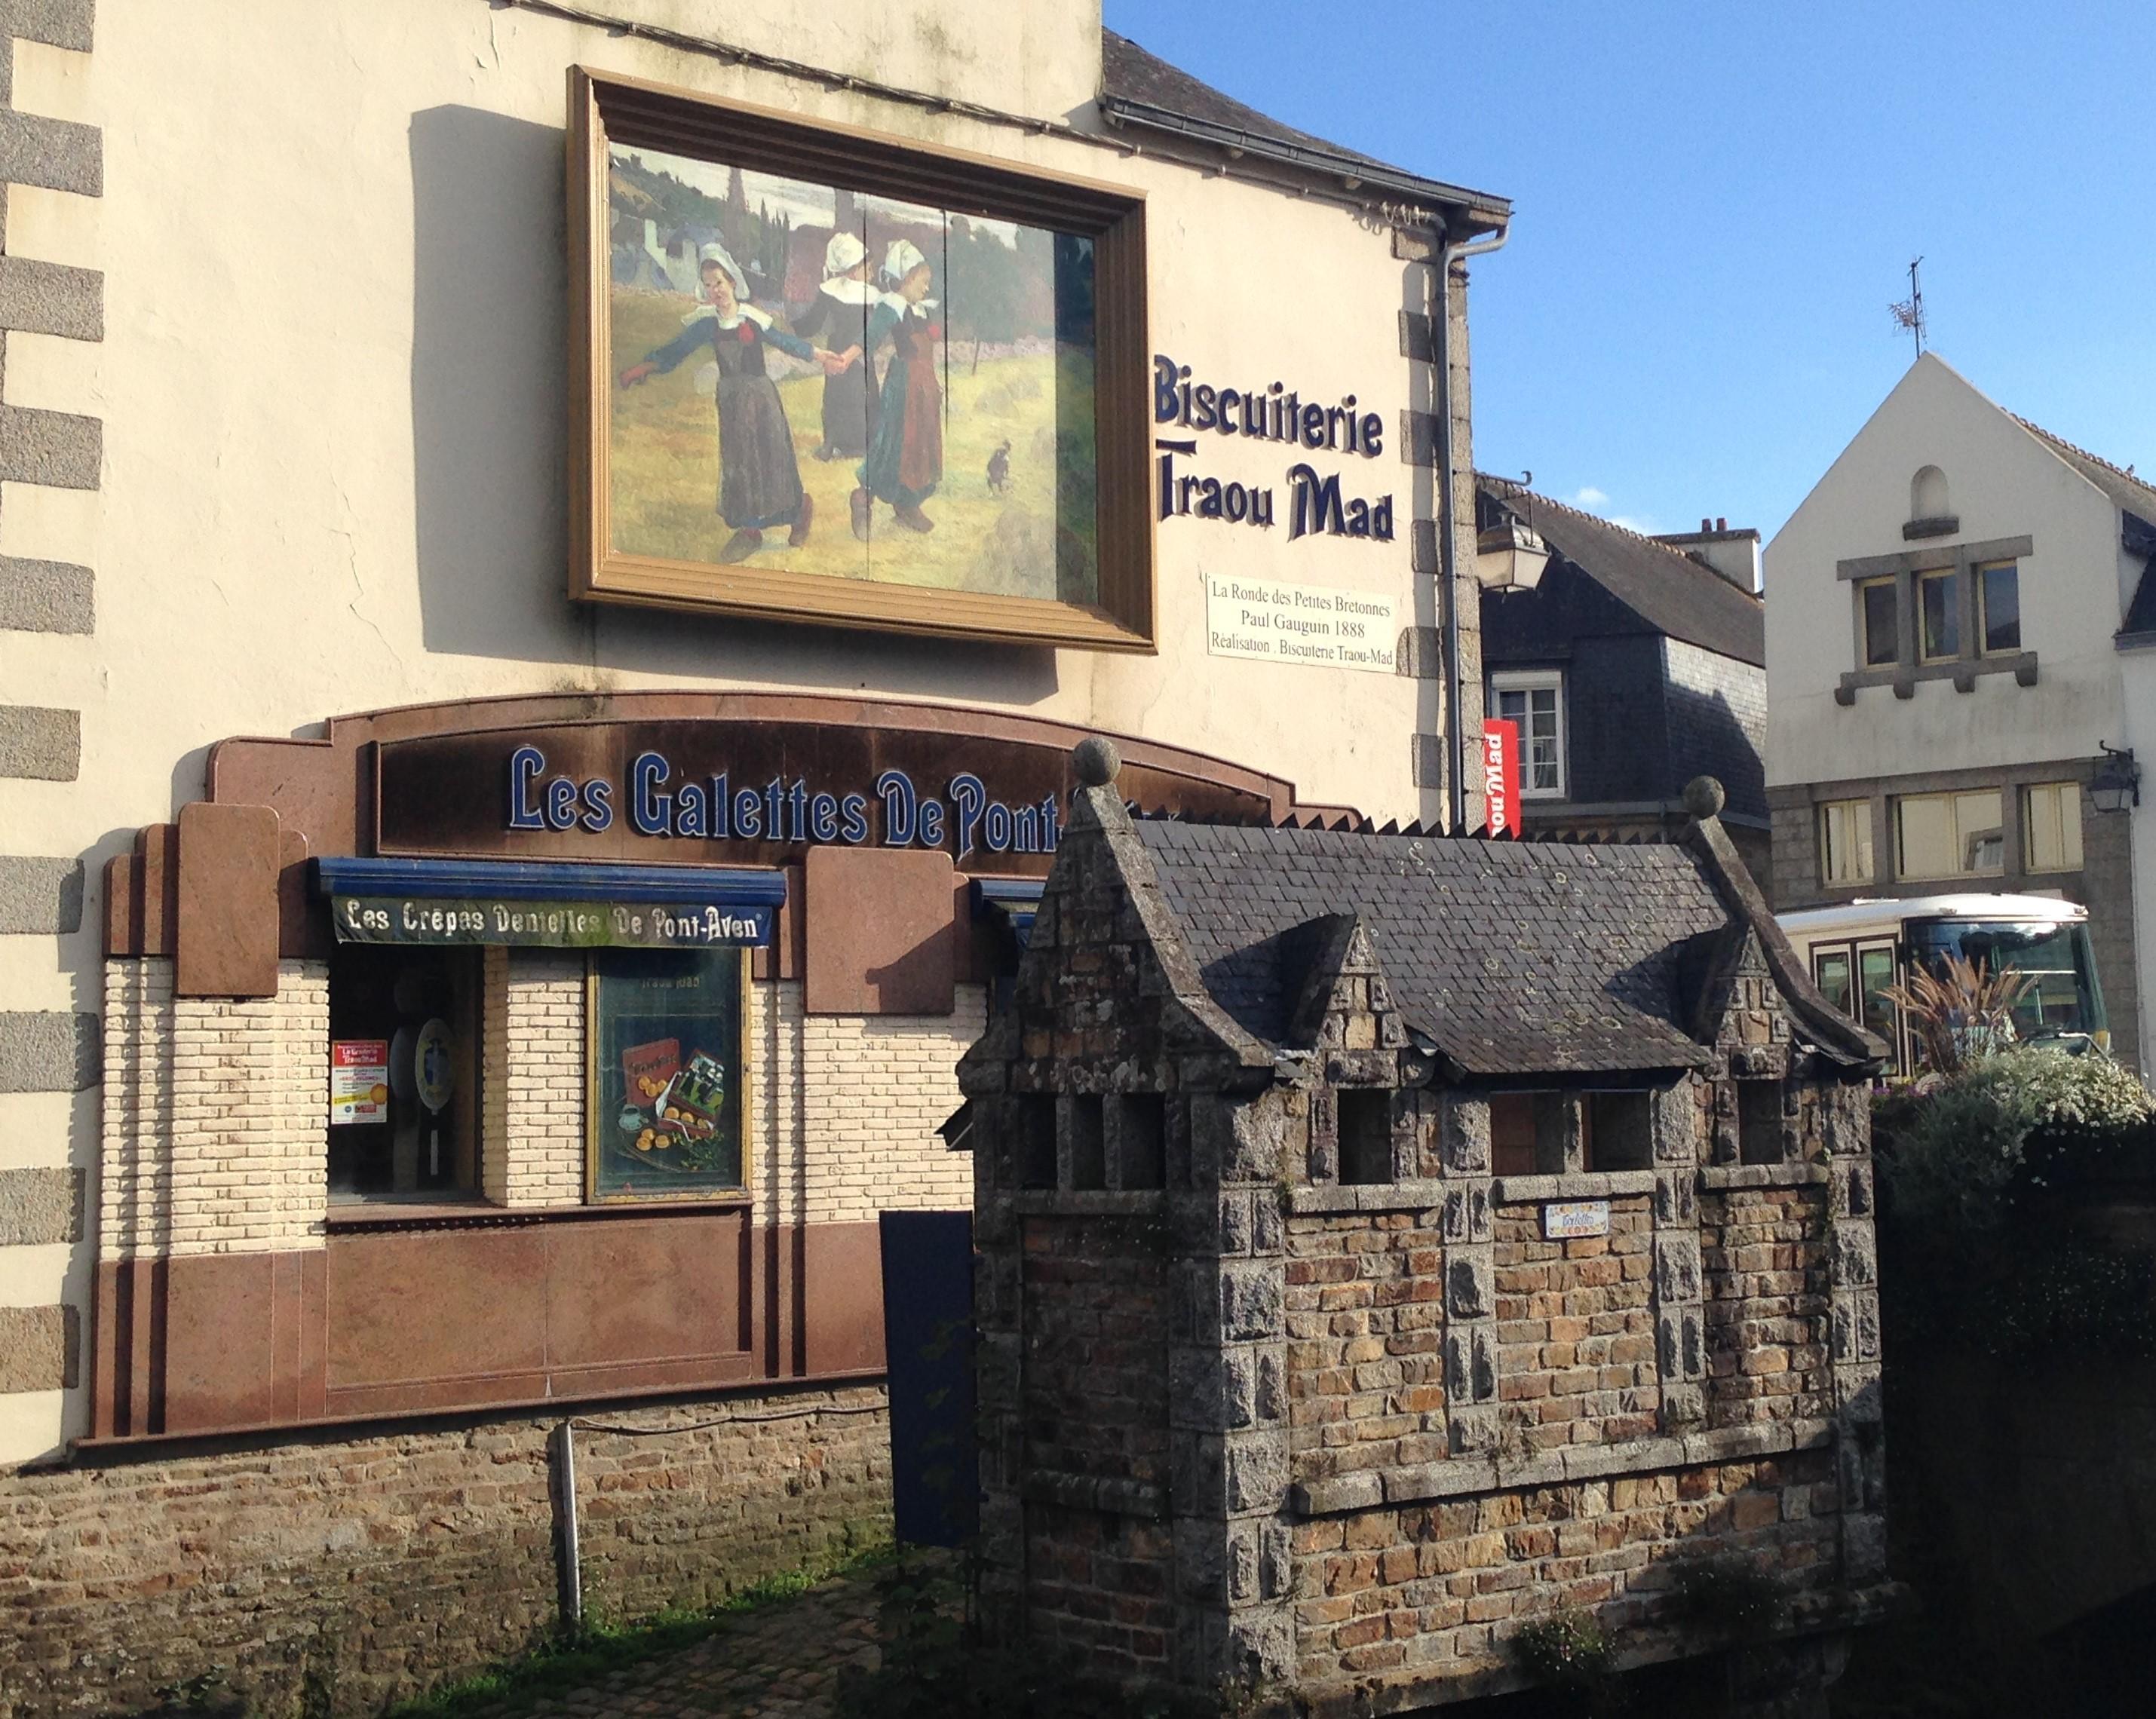 Paul Gauguin - La Ronde de Petites Bretonnes in Pont-Aven | © Hristos Fleturis